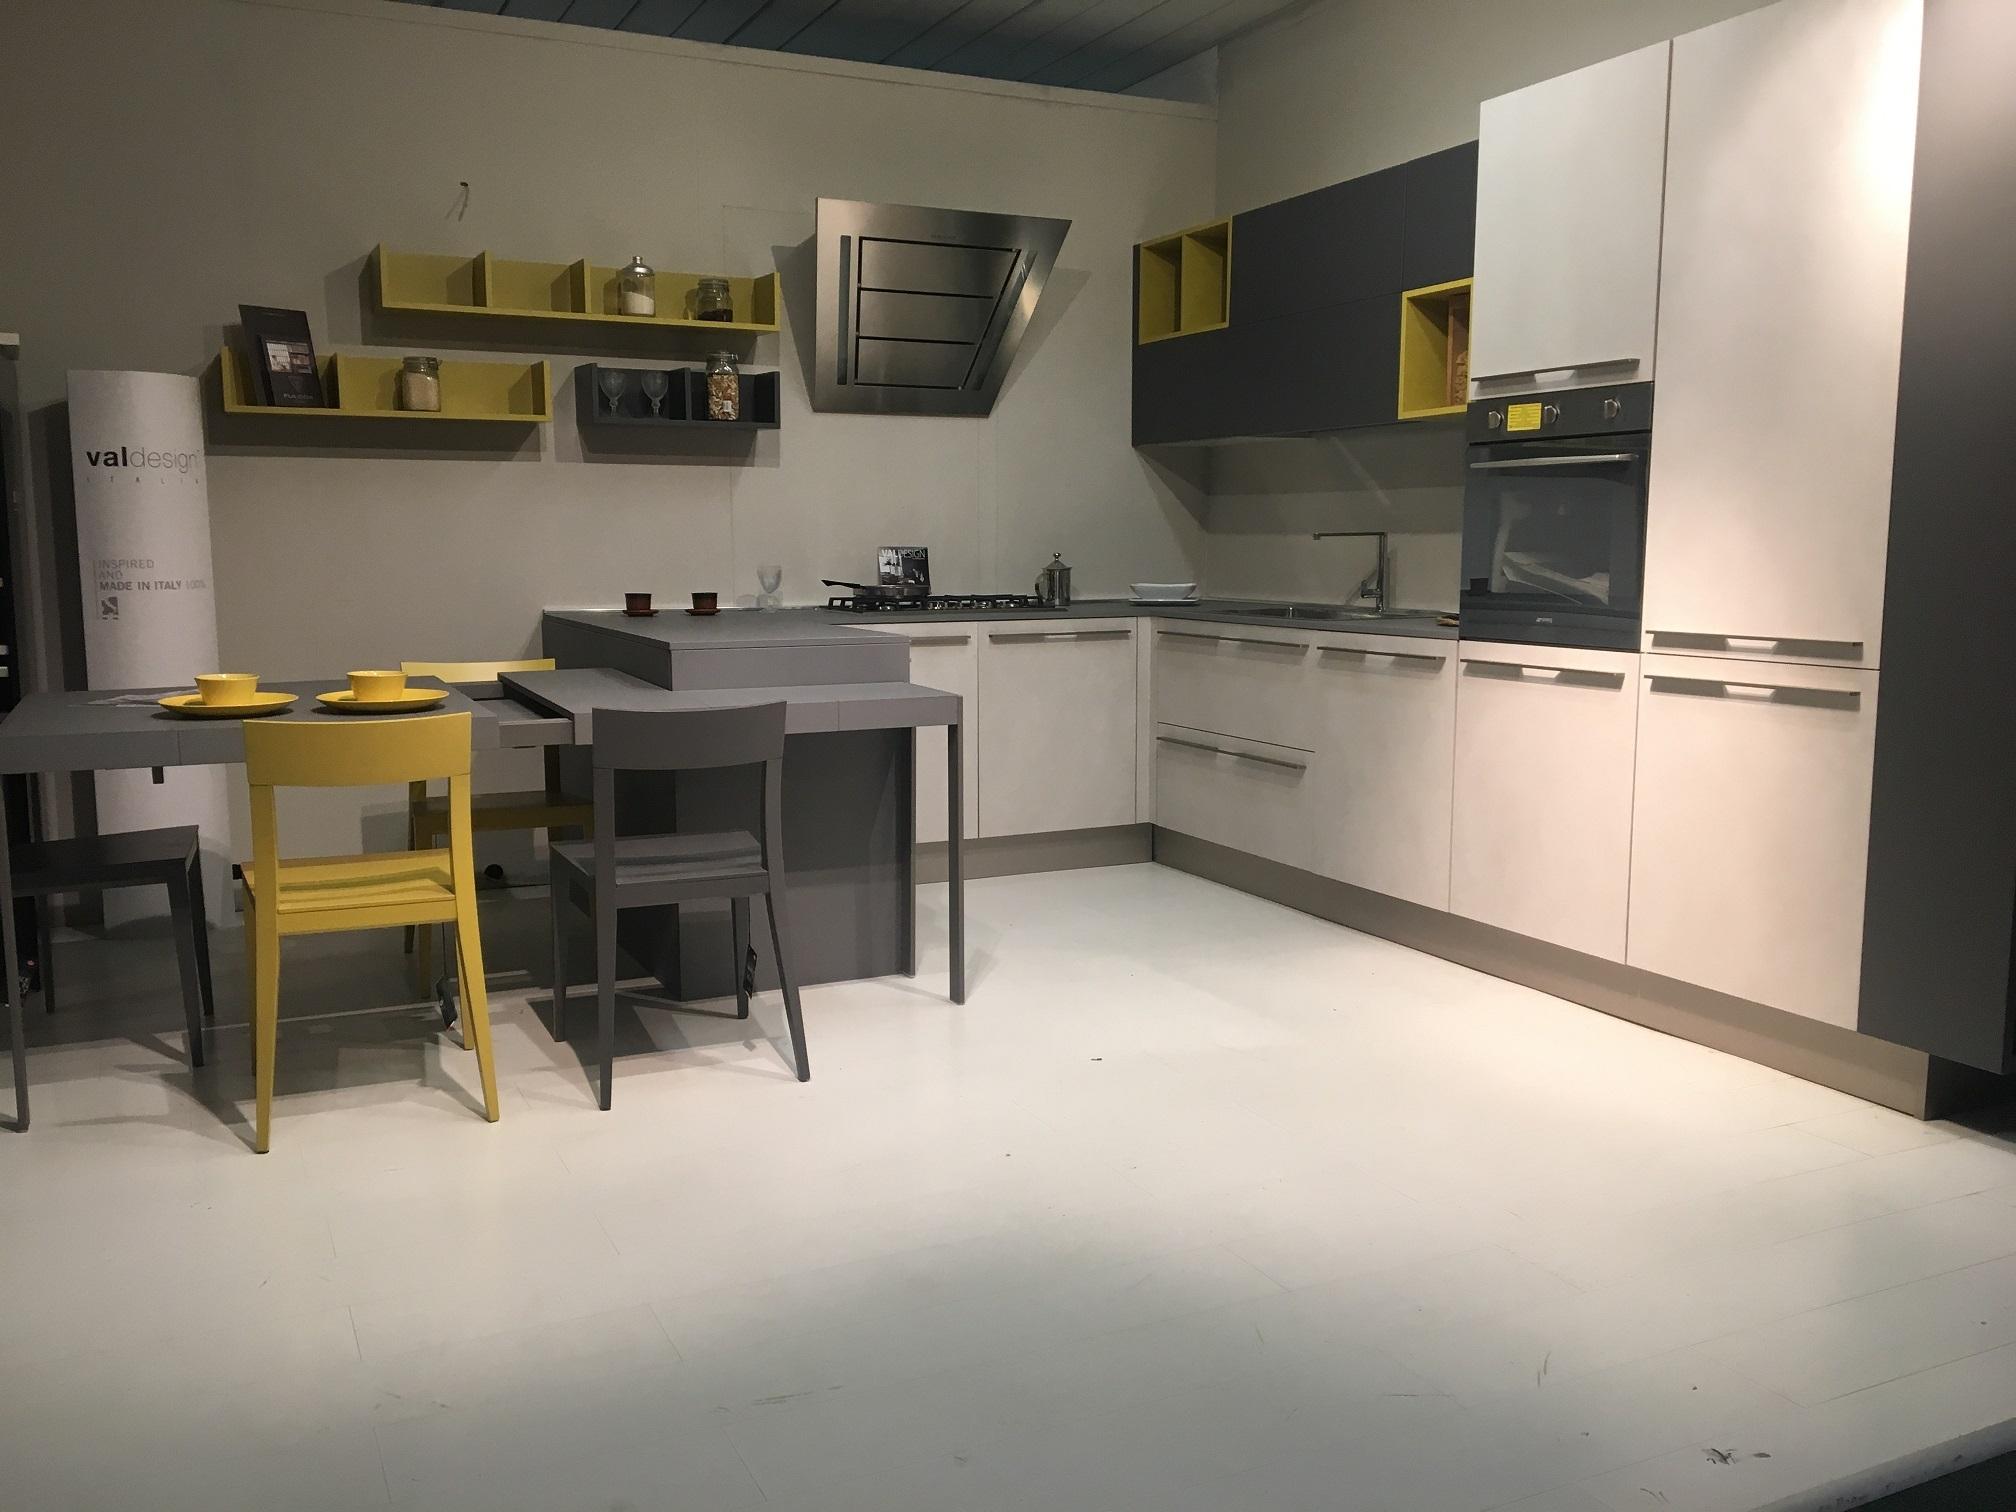 Cucina valdesign cucine logica2 2 scontato del 50 cucine a prezzi scontati - Cucine valdesign ...